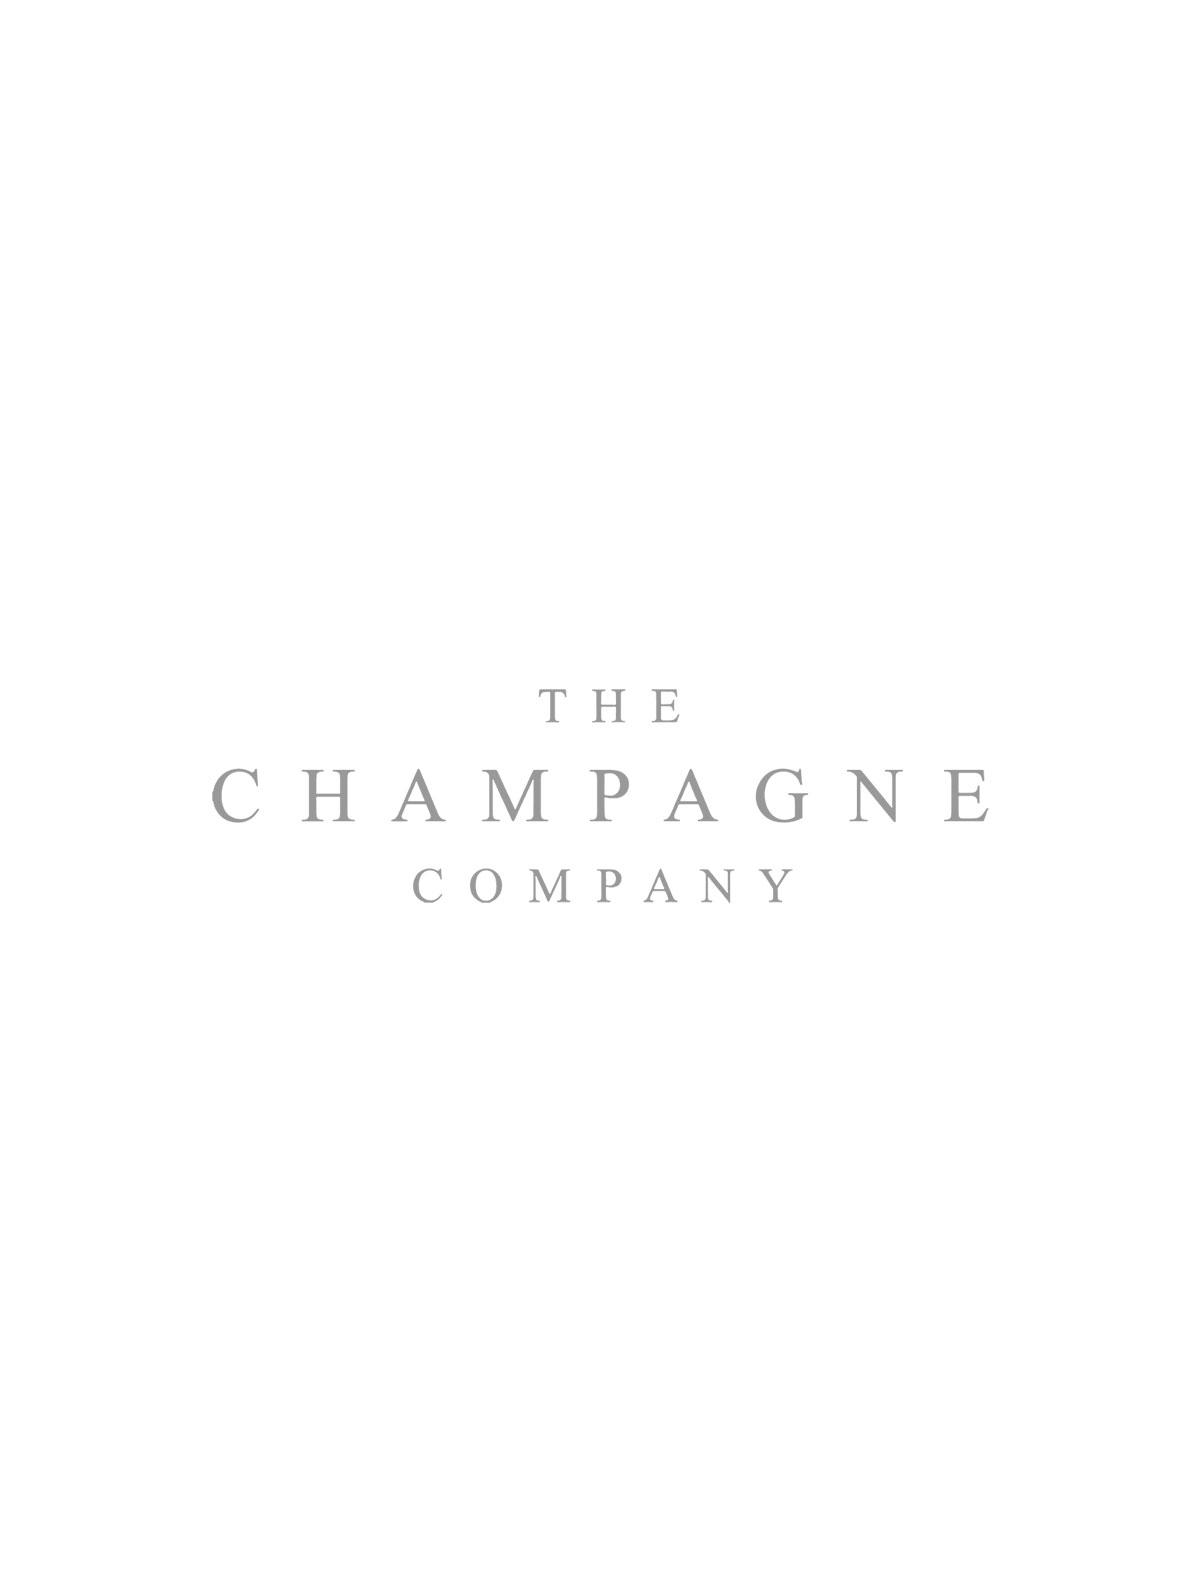 Querciabella Chianti Classico 2013 Italy Red Wine 75cl